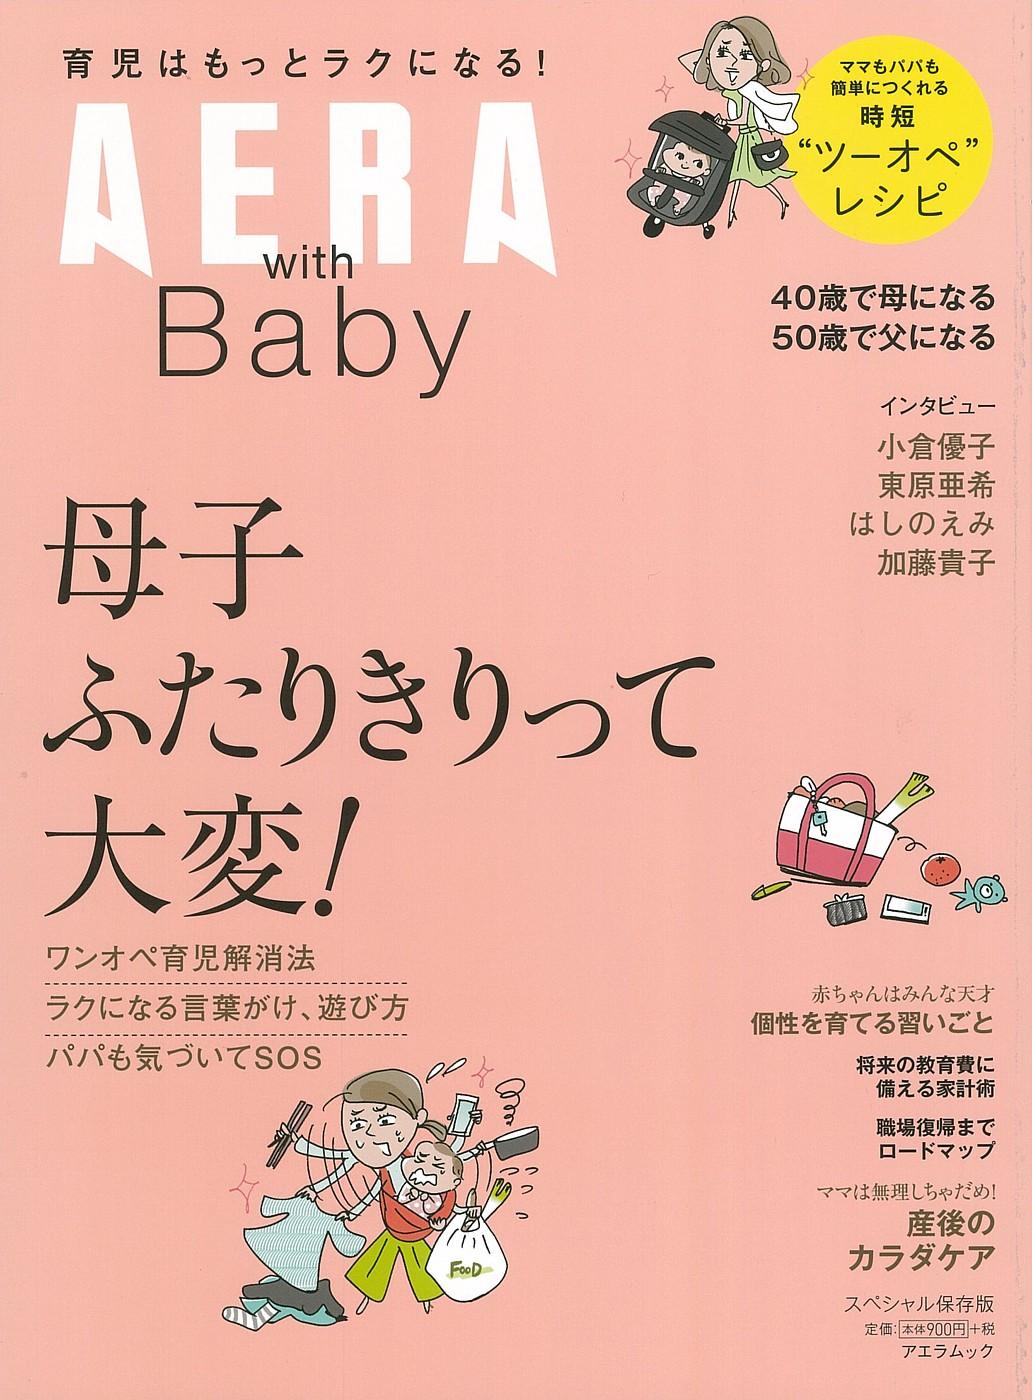 AERA with Baby [アエラウィズベビー] スペシャル保存版 母子ふたりきりって大変!